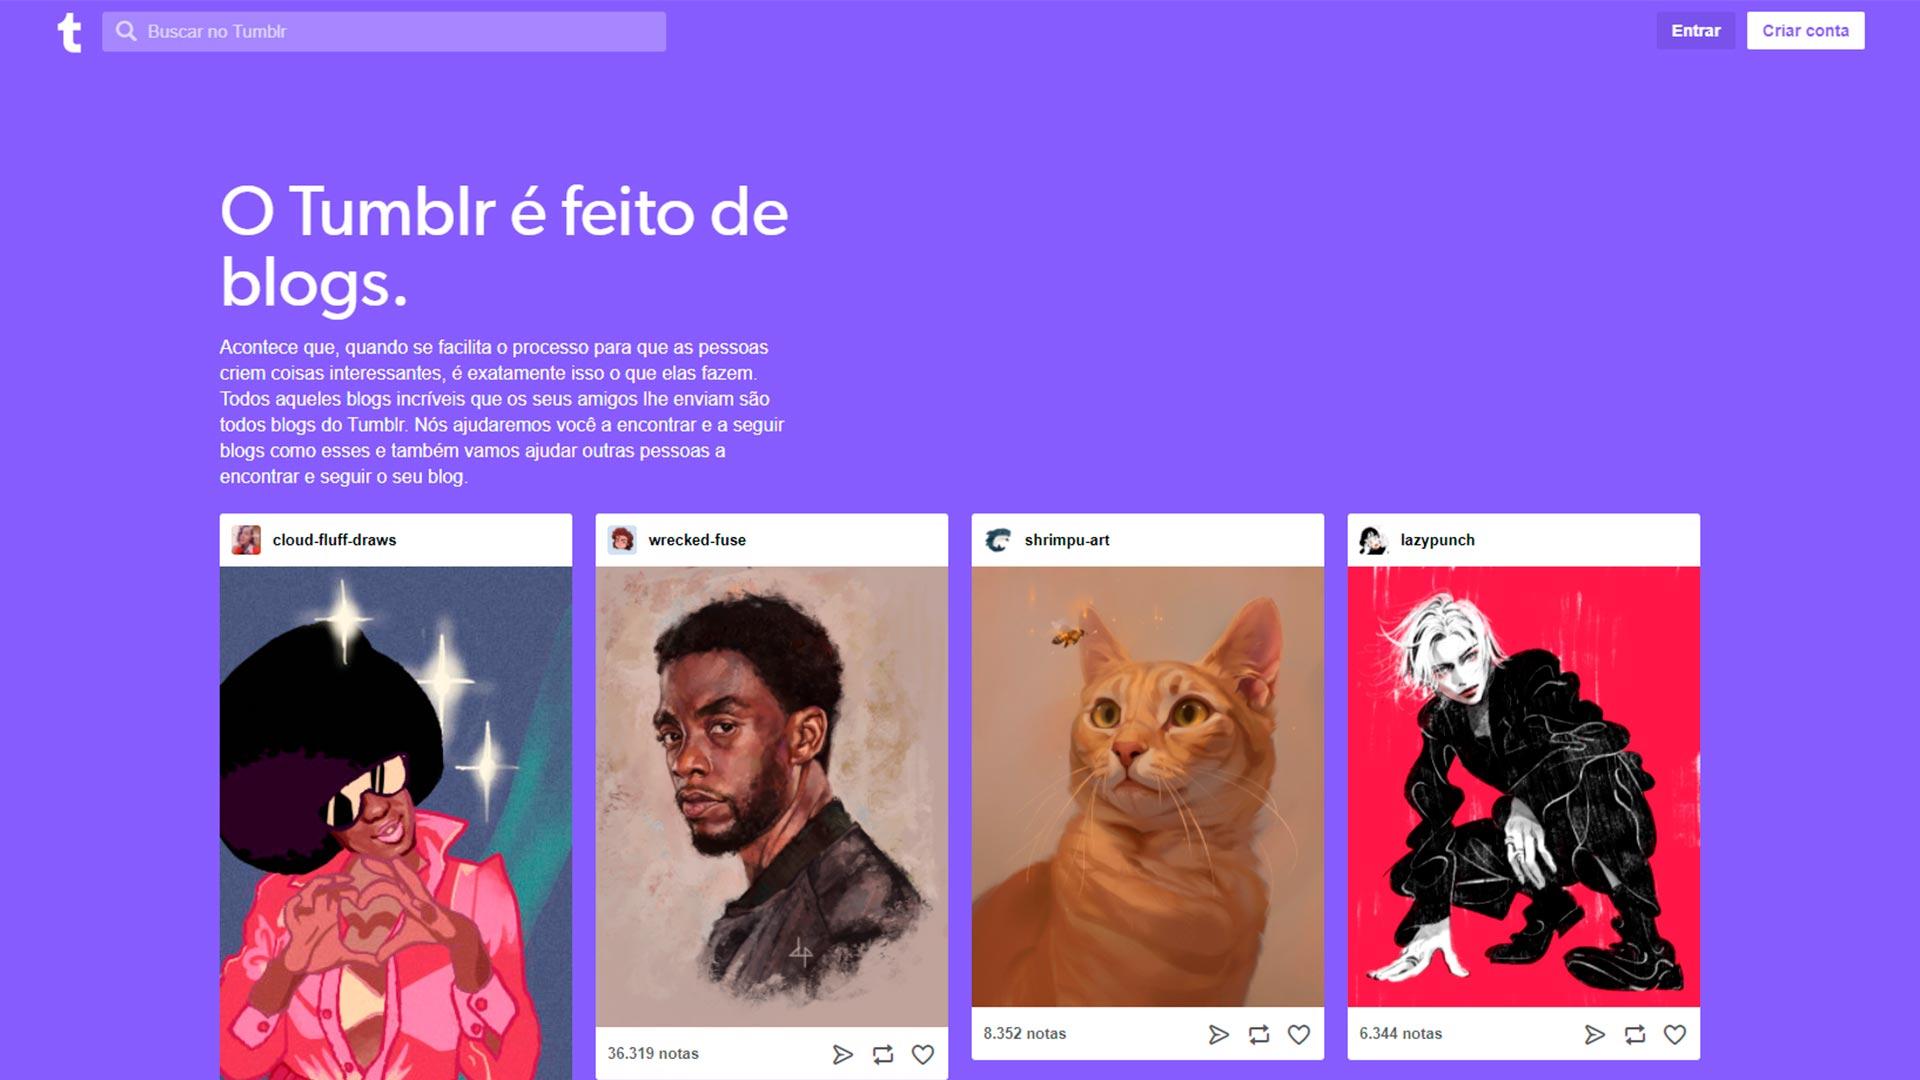 plataforma de blog gratuita tumblr